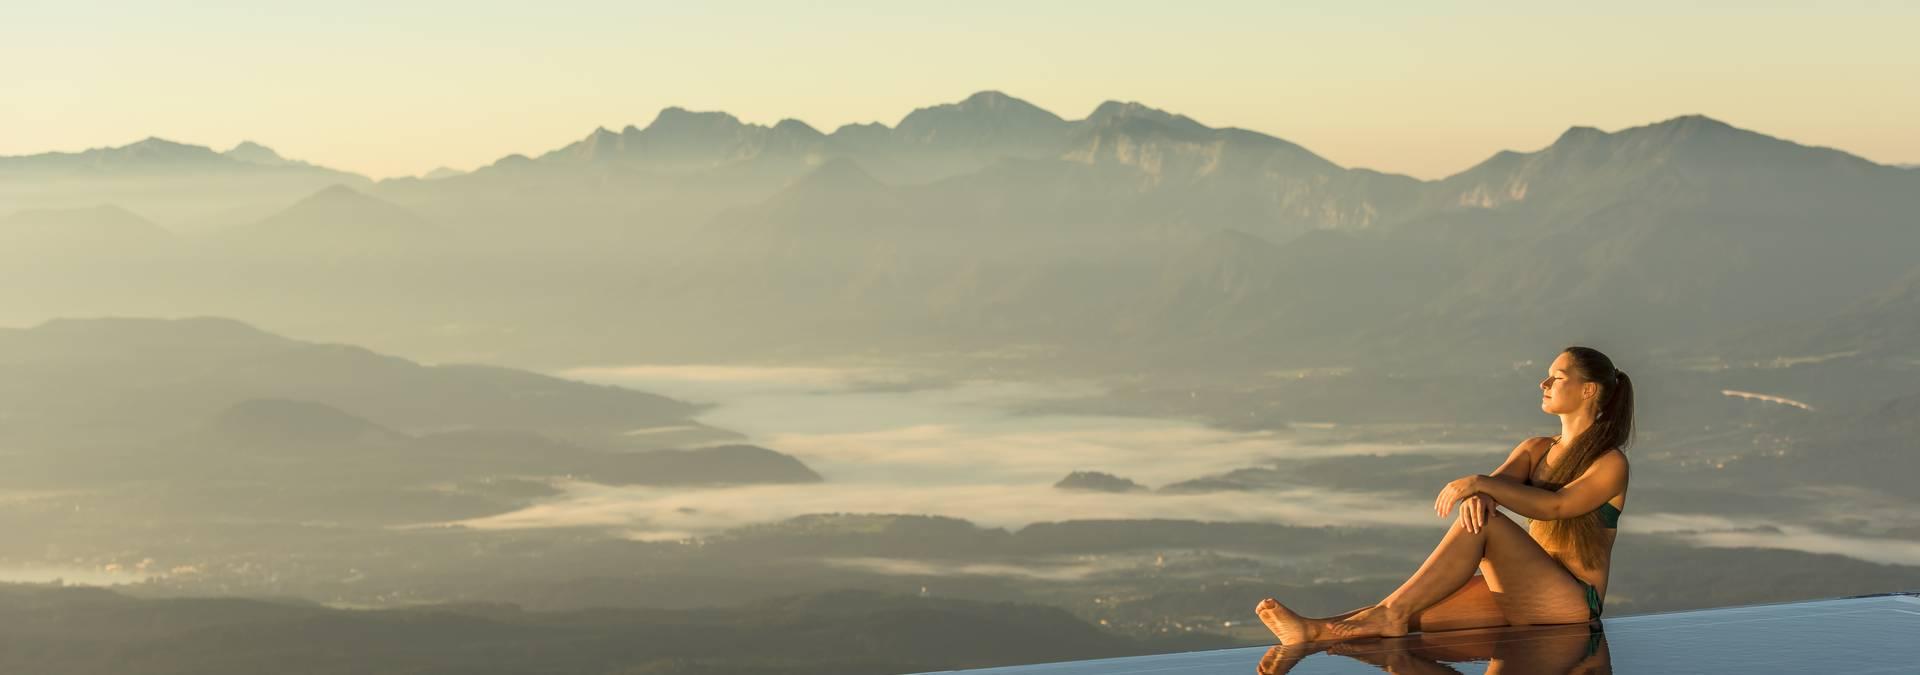 Mountain Resort Feuerberg auf der Gerlitzen Alpe